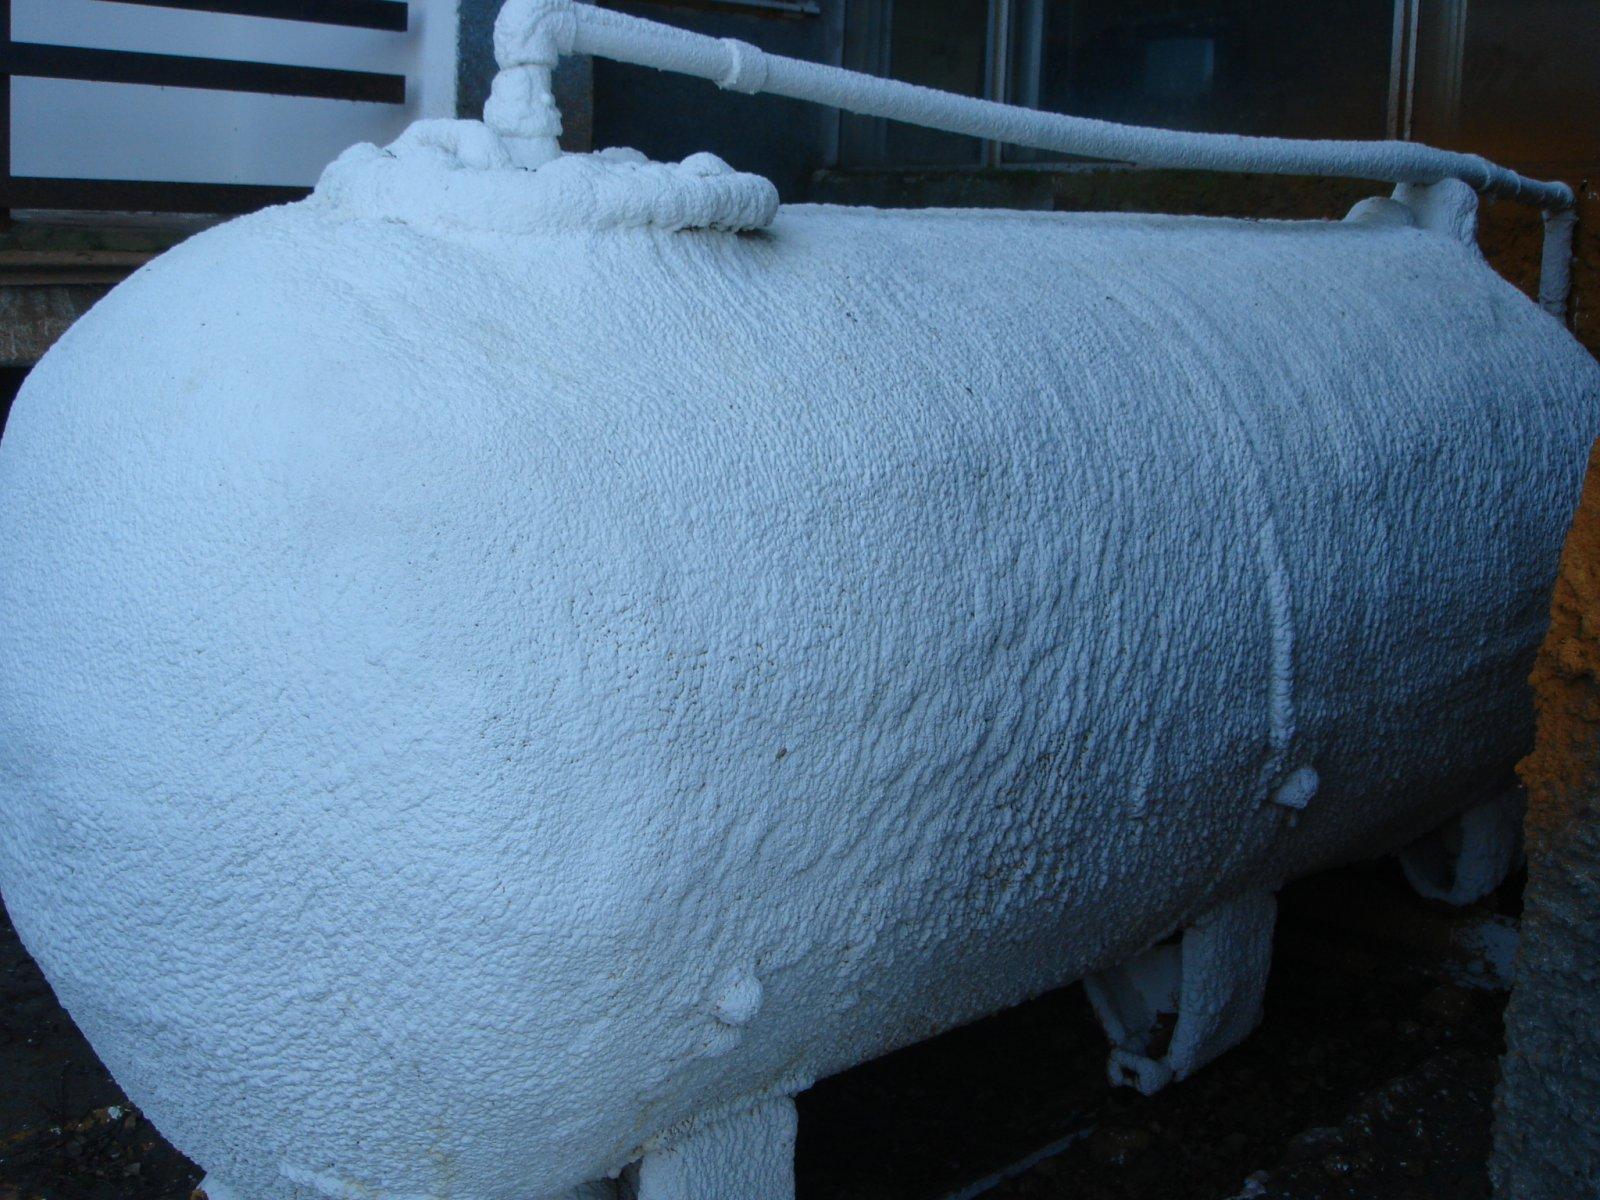 Утепление пеной: варианты на воздушной прослойке для стен дома, монтажная технология работ между кладкой крыши полиуретановой продукцией, отзывы